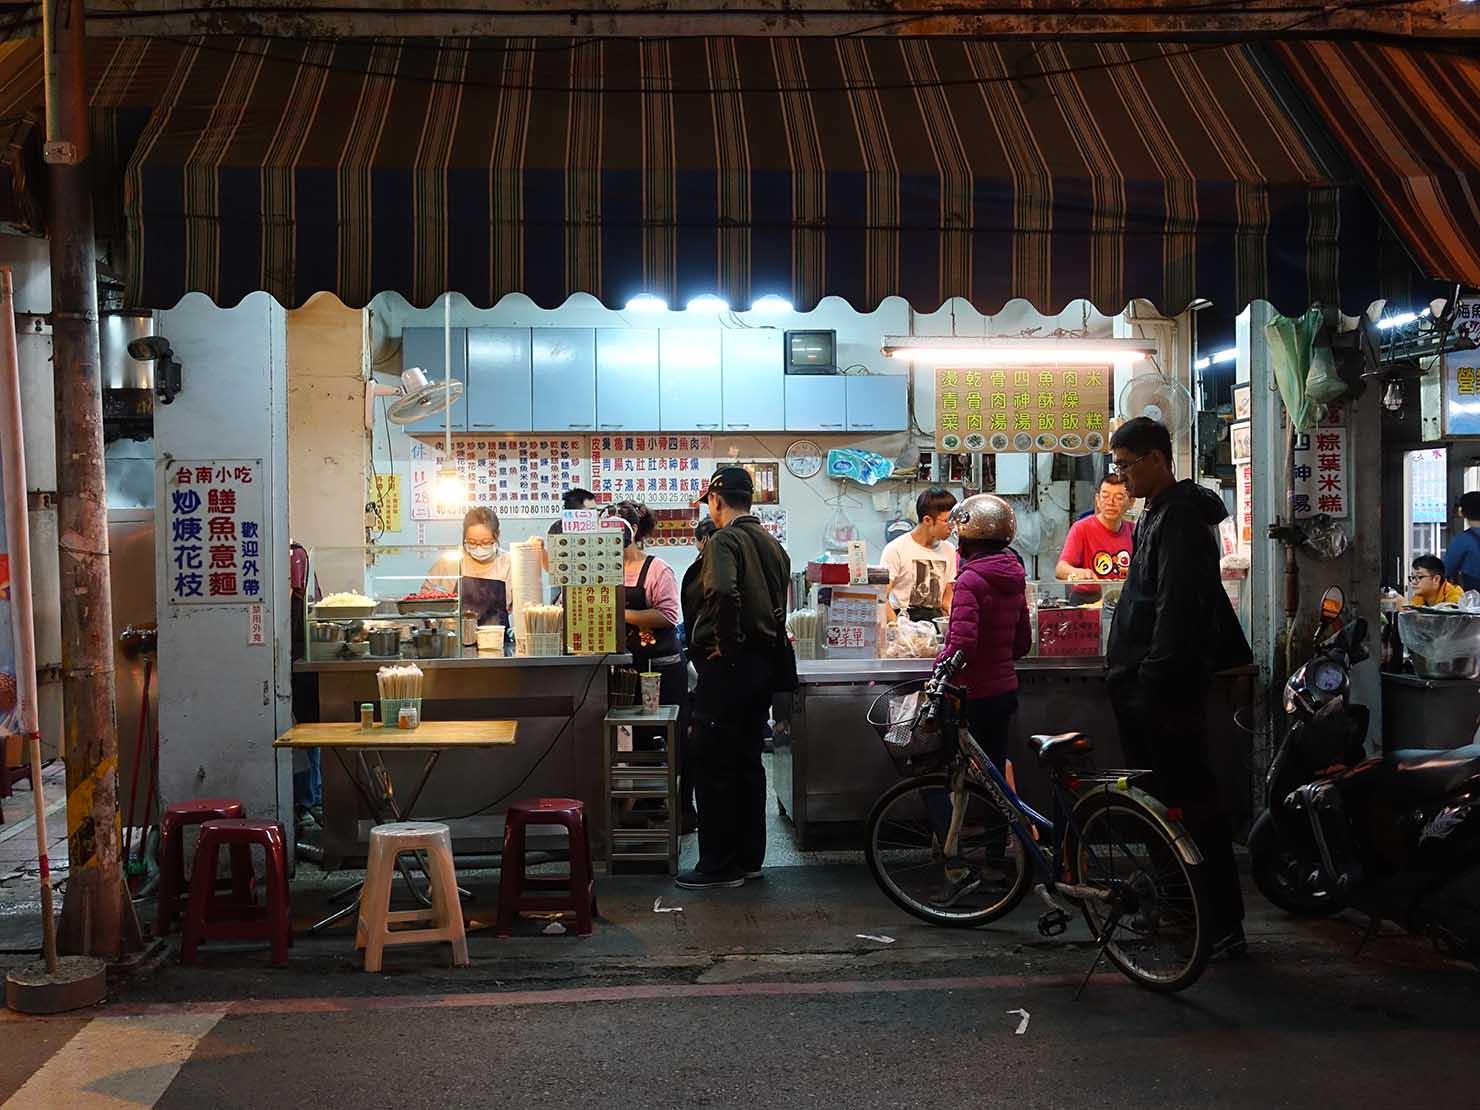 台南・永樂市場(國華街)のおすすめ台湾グルメ店「黃記鱔魚意麵」の外観